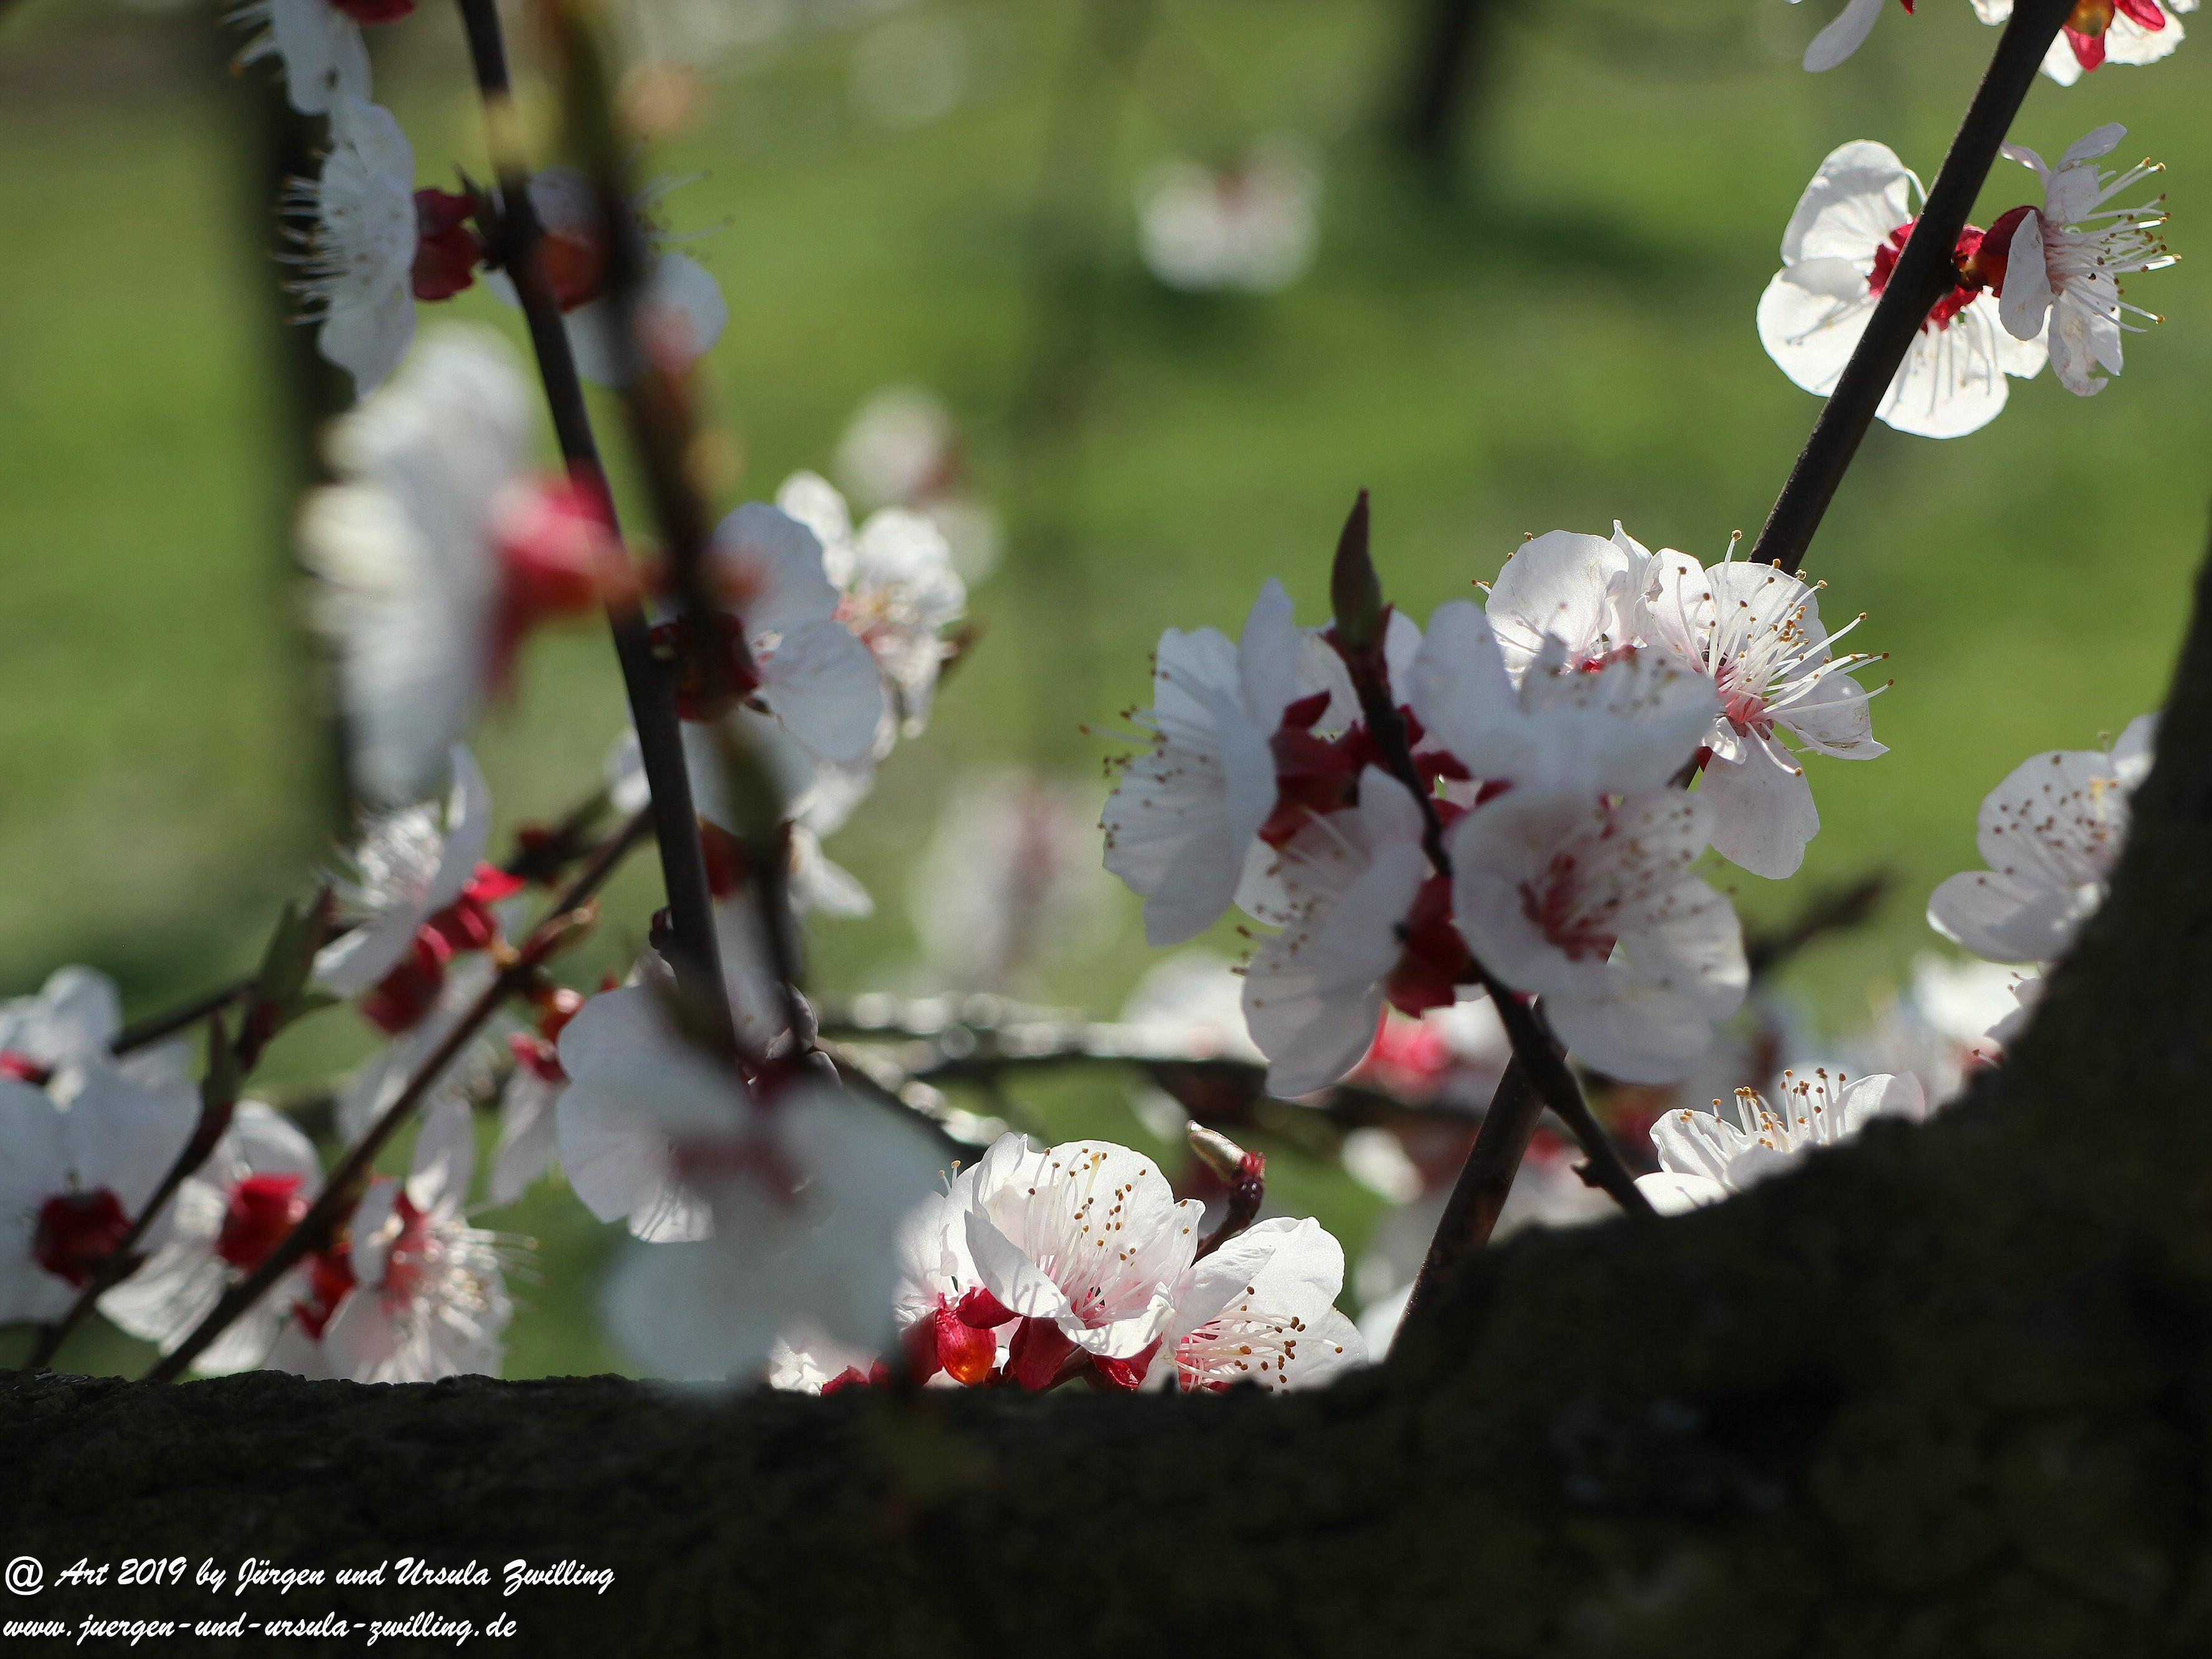 Aprikosenblüten 19